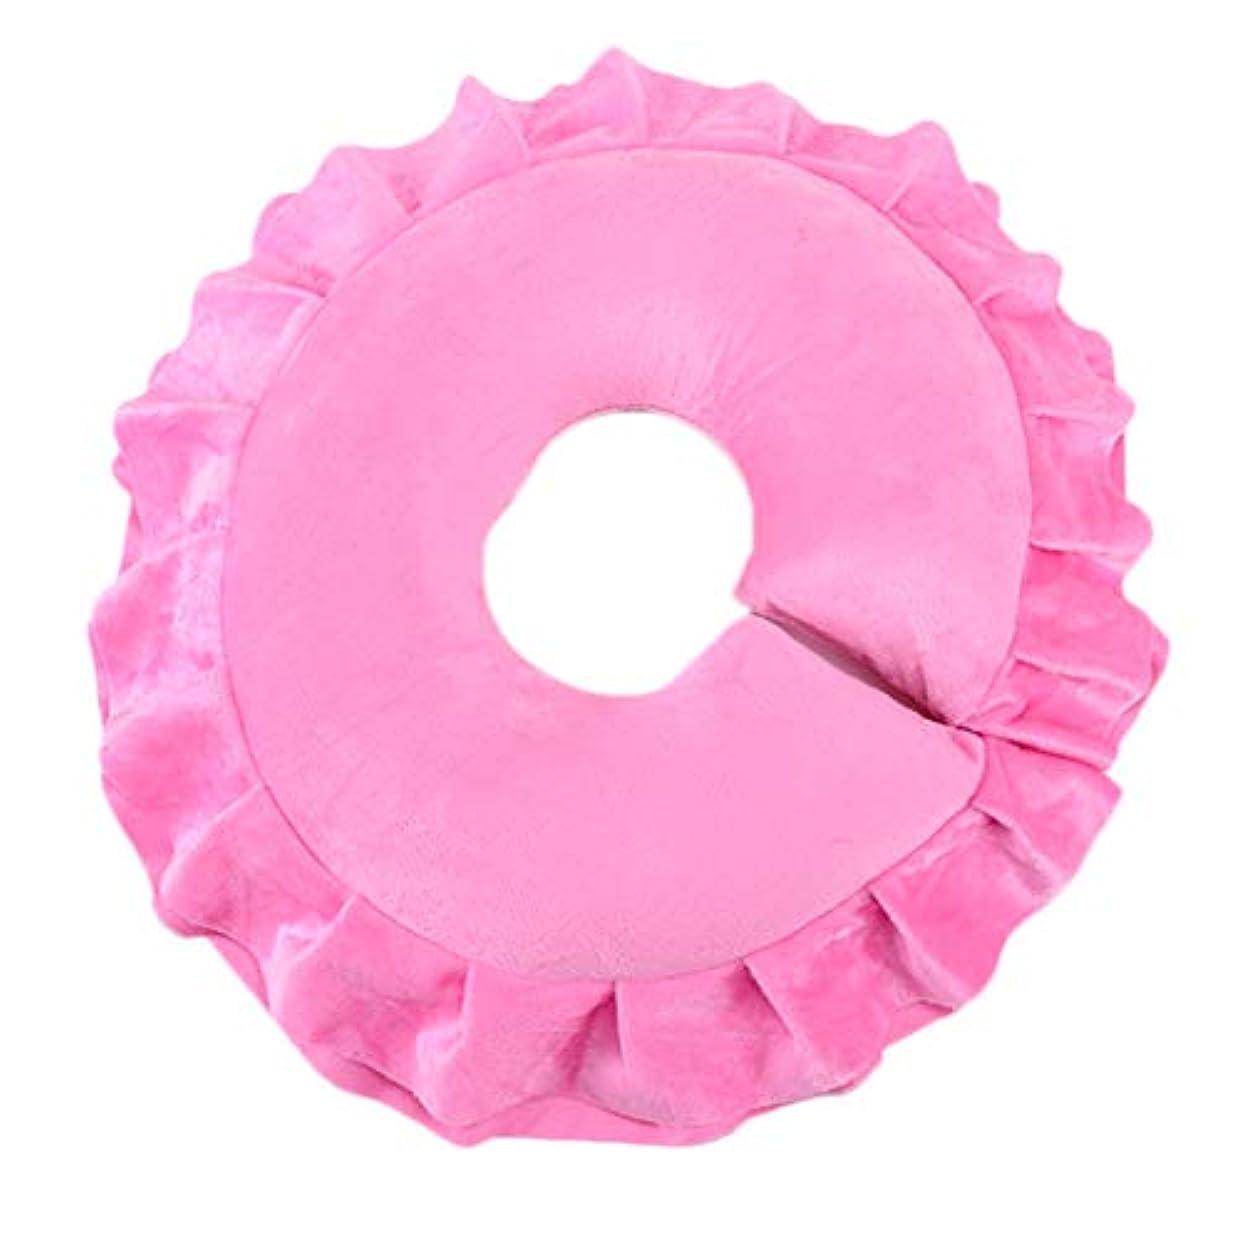 分析名門温室フェイスクッション 顔枕 マッサージ用 マッサージピロー ボディマッサージ サロン 全4色 - ピンク